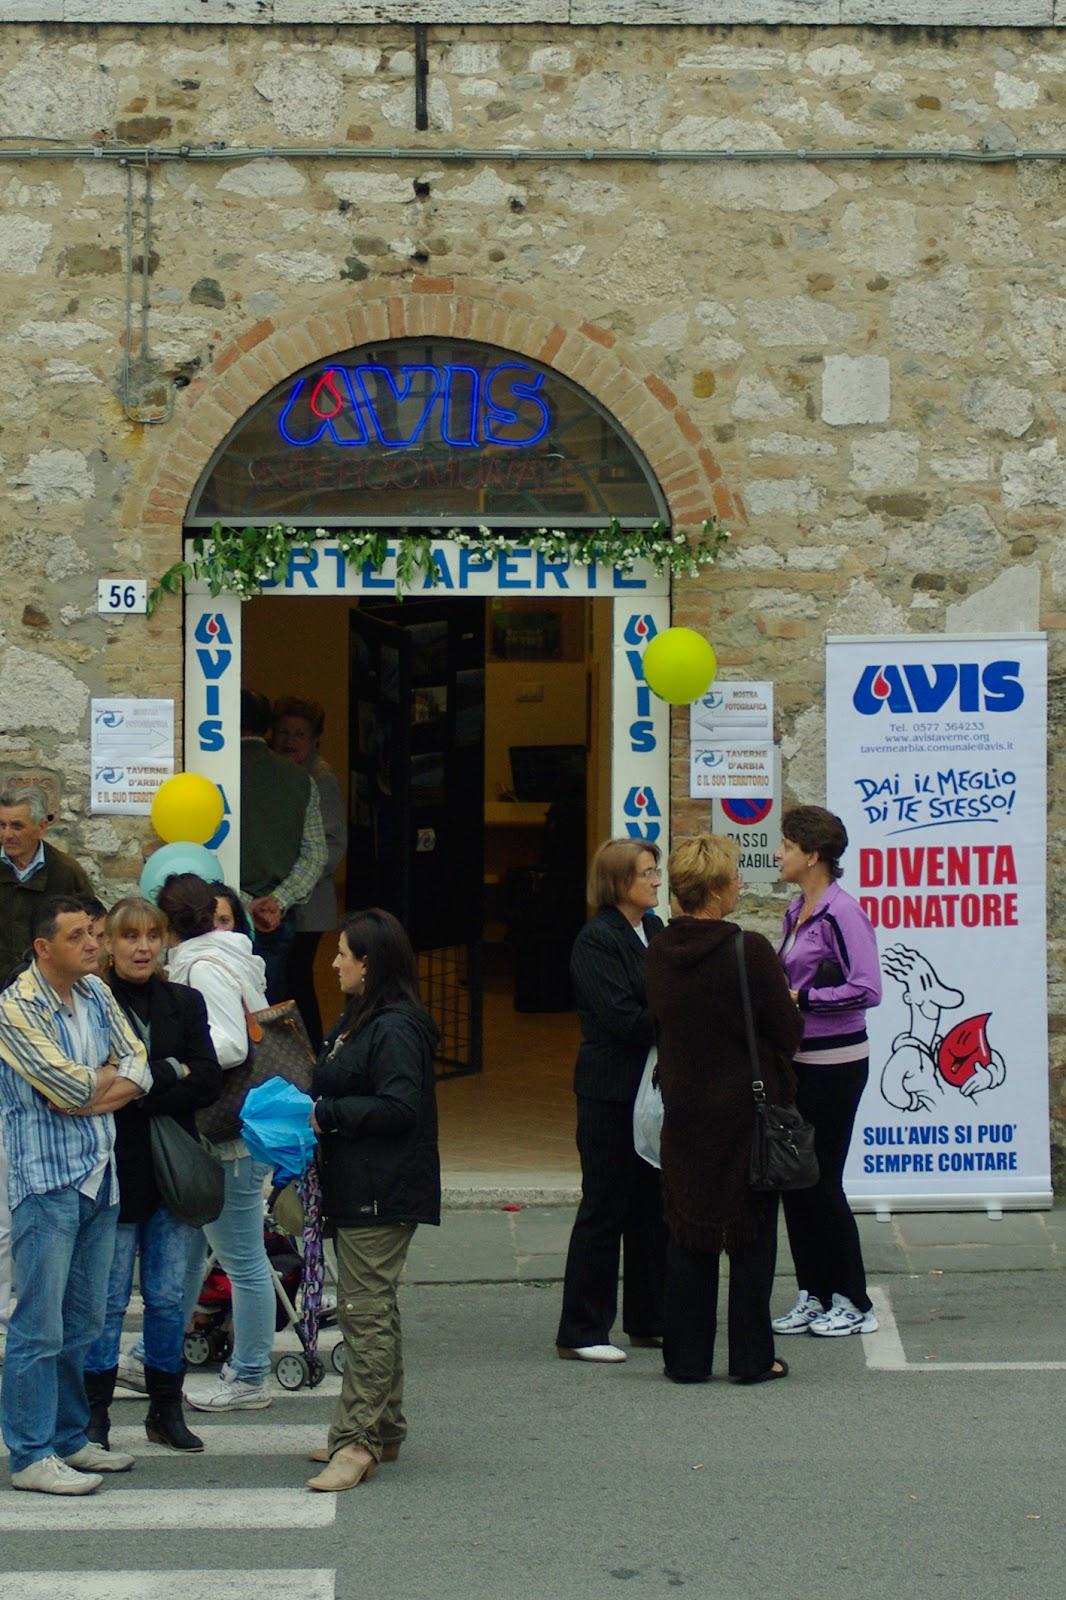 Fotoclub avis taverne e arbia festa s isidoro mostra for Foto di taverne arredate